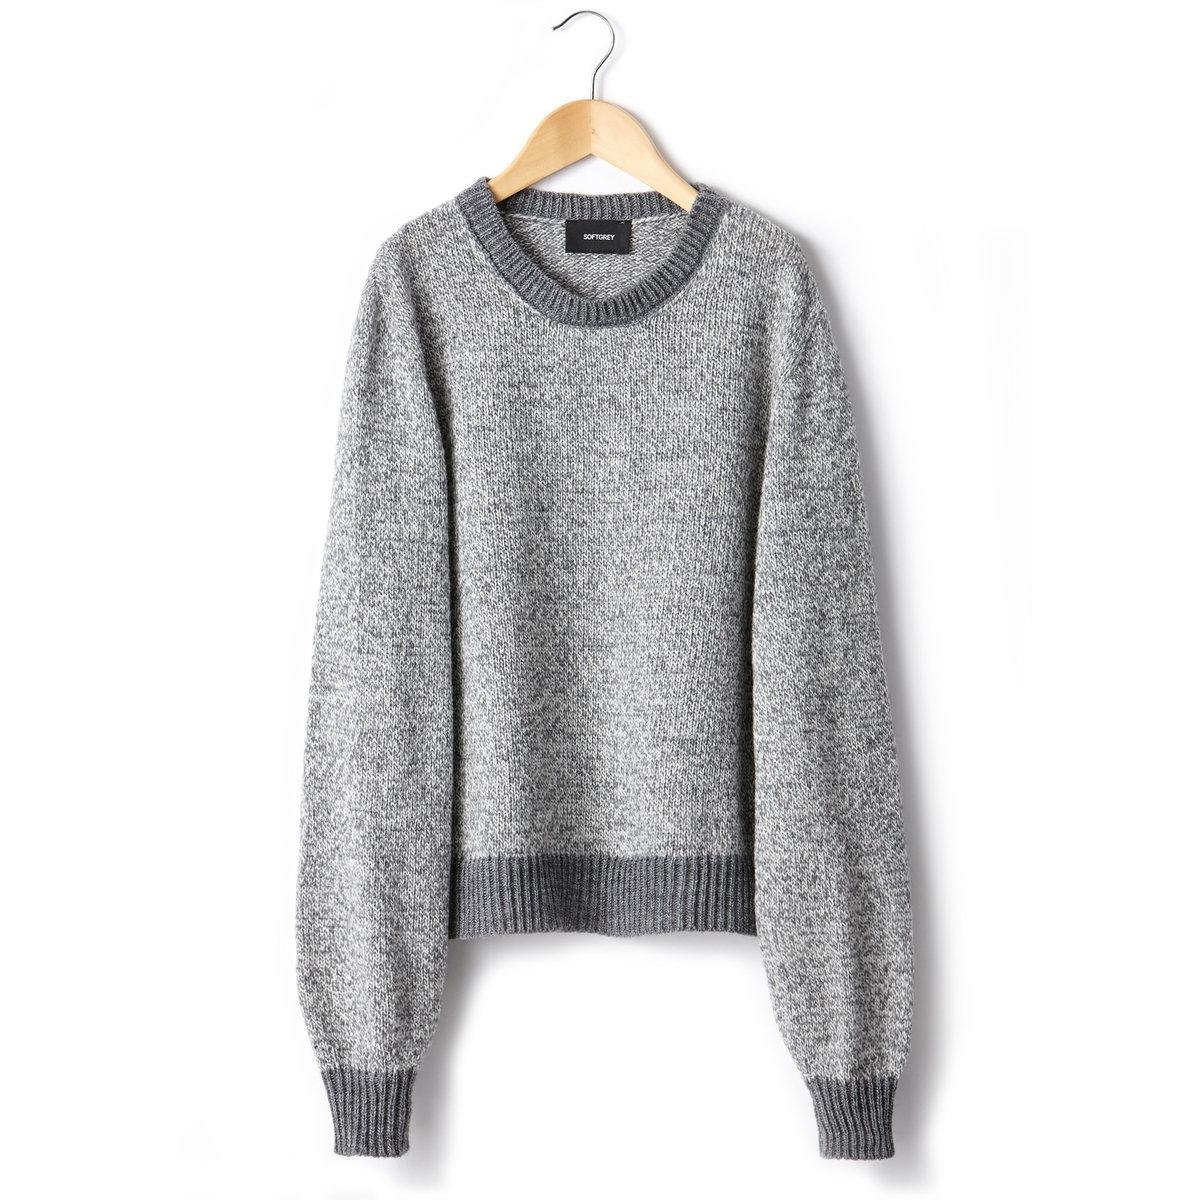 Пуловер, 50% шерстиПуловер из трикотажа, 50% шерсти, 50% акрила. Круглый вырез. Длинные свободные рукава. Длина 53 см.<br><br>Цвет: красный,серый меланж<br>Размер: 50/52 (FR) - 56/58 (RUS)